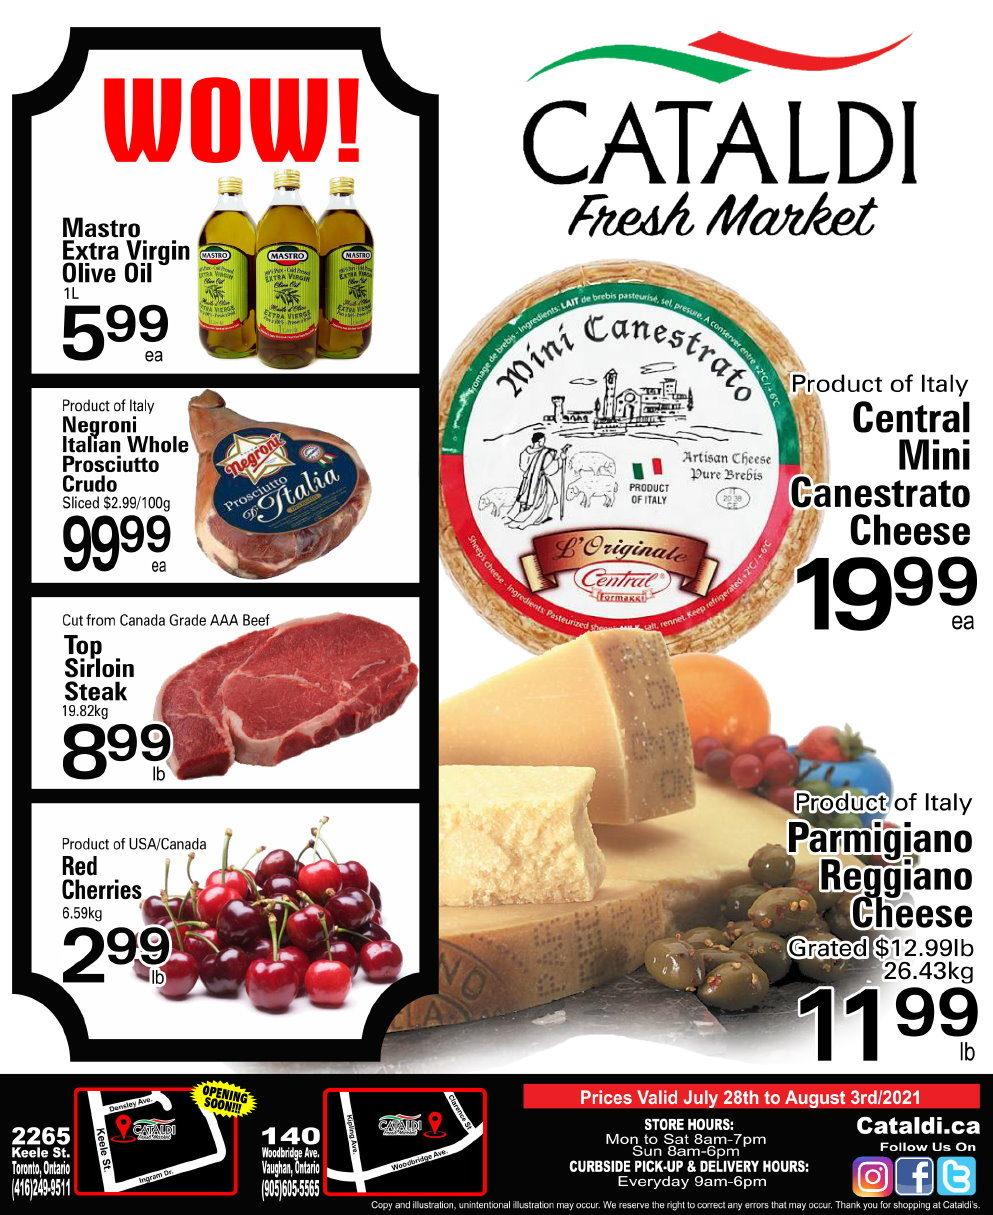 Cataldi - Weekly Flyer Specials